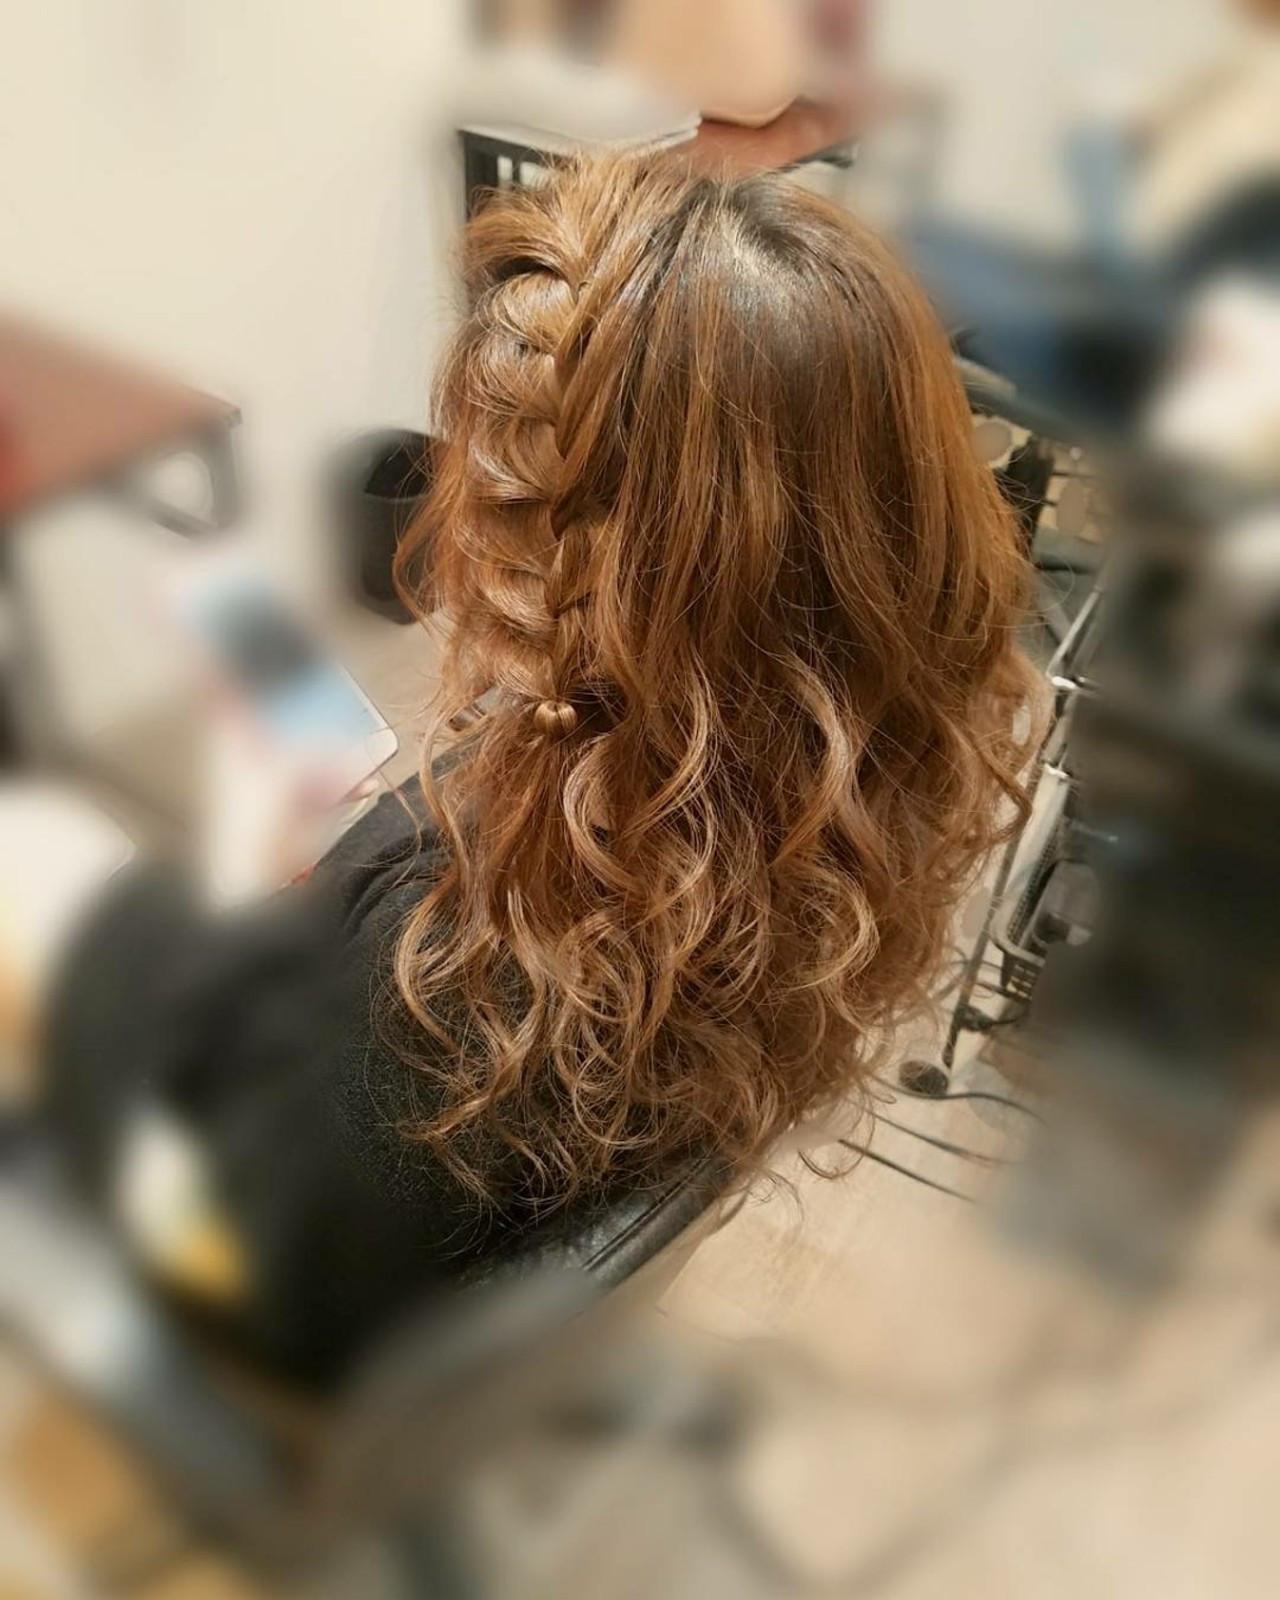 長い前髪は編みおろしでアレンジ mai | HAIR SALON STELLA